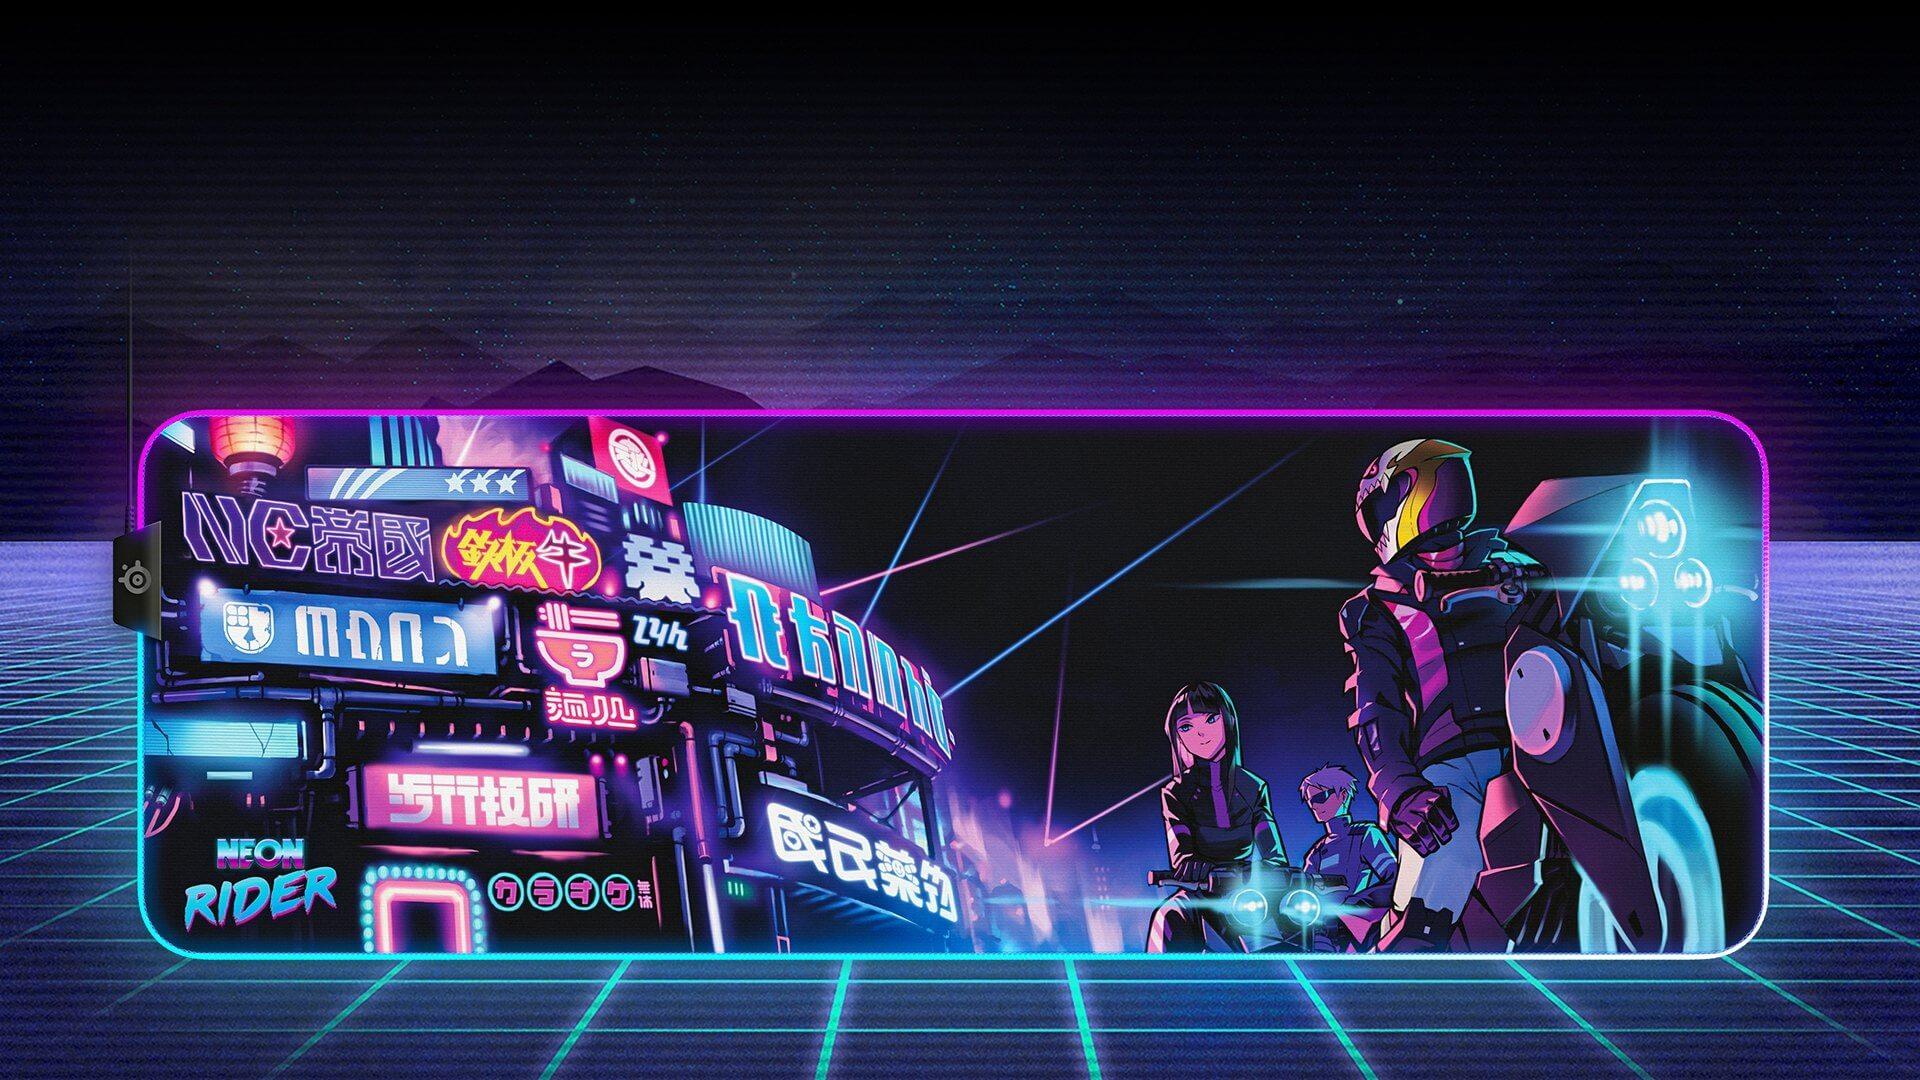 Bàn di chuột Steelseries Qck Prism(XL) Neon Rider - 63809 lấy cảm hứng từ bộ skin Neon Rider trong CS:GO